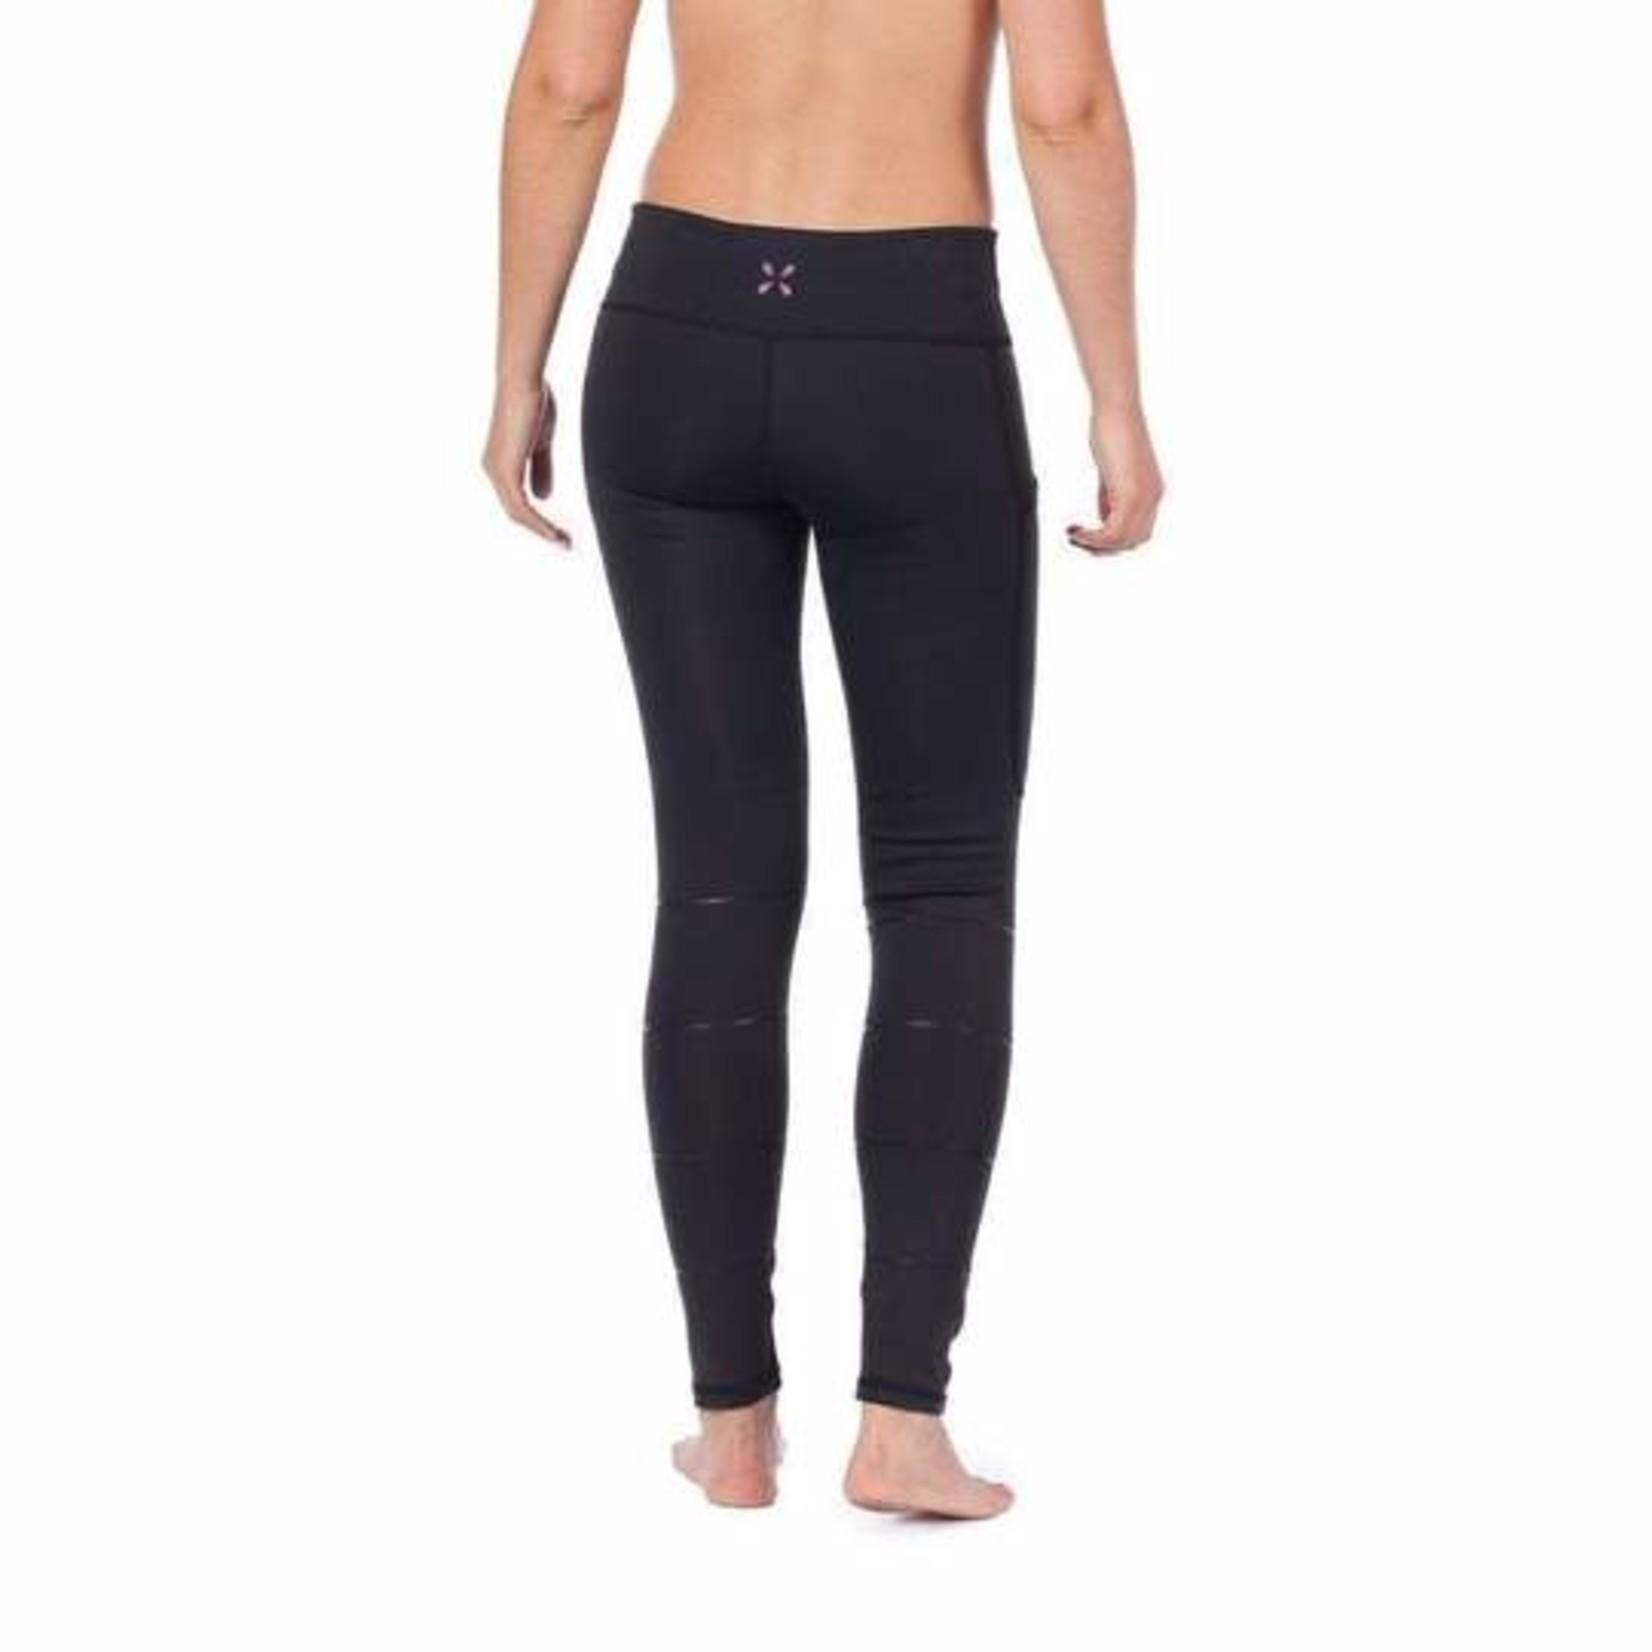 Level Six Level Six Women's Sombrio Neoprene Capri Pants